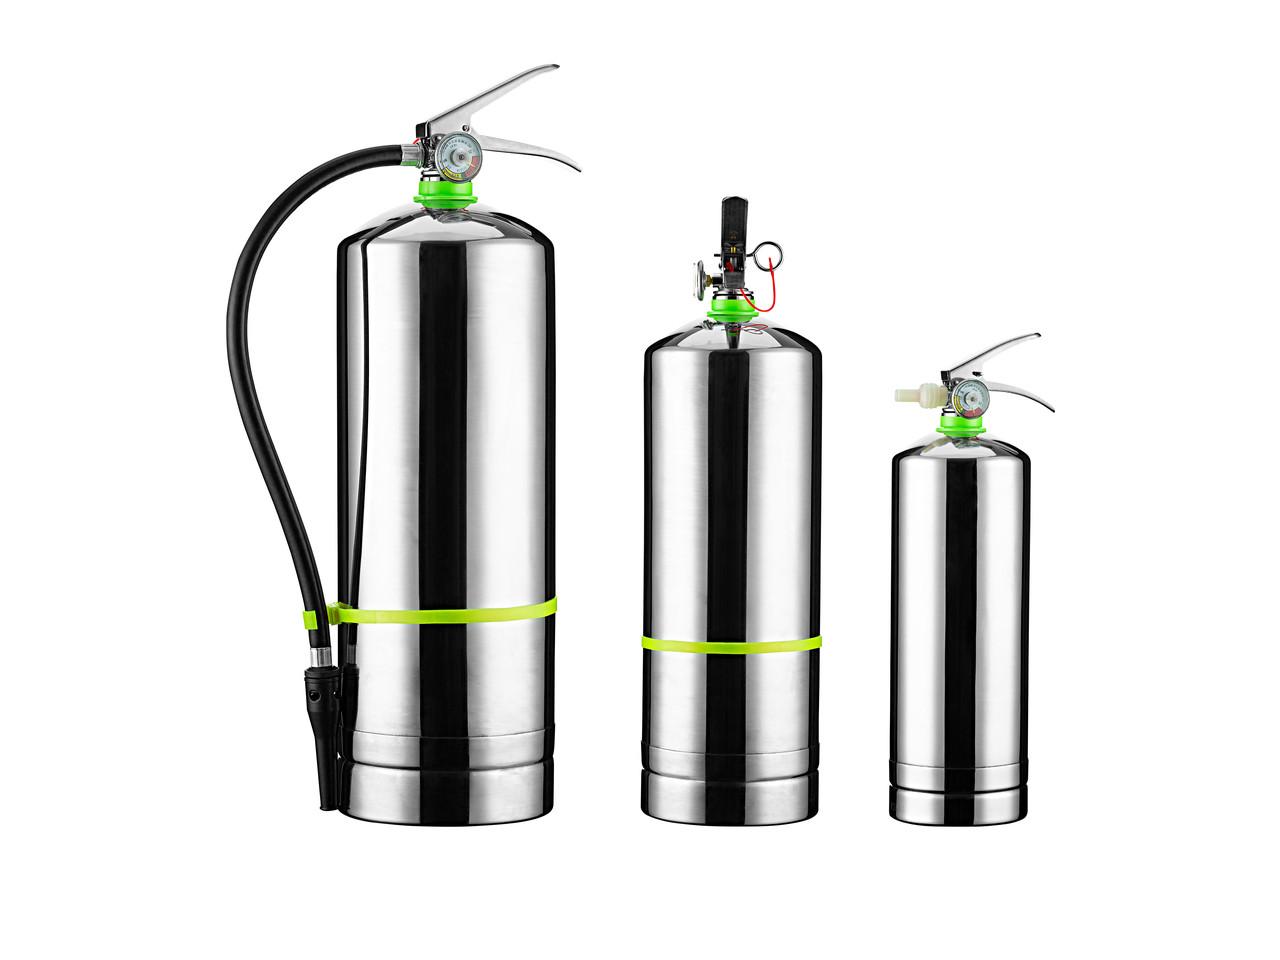 Огнетушитель на водной основе (корпус из нержавеющей стали) 6L.